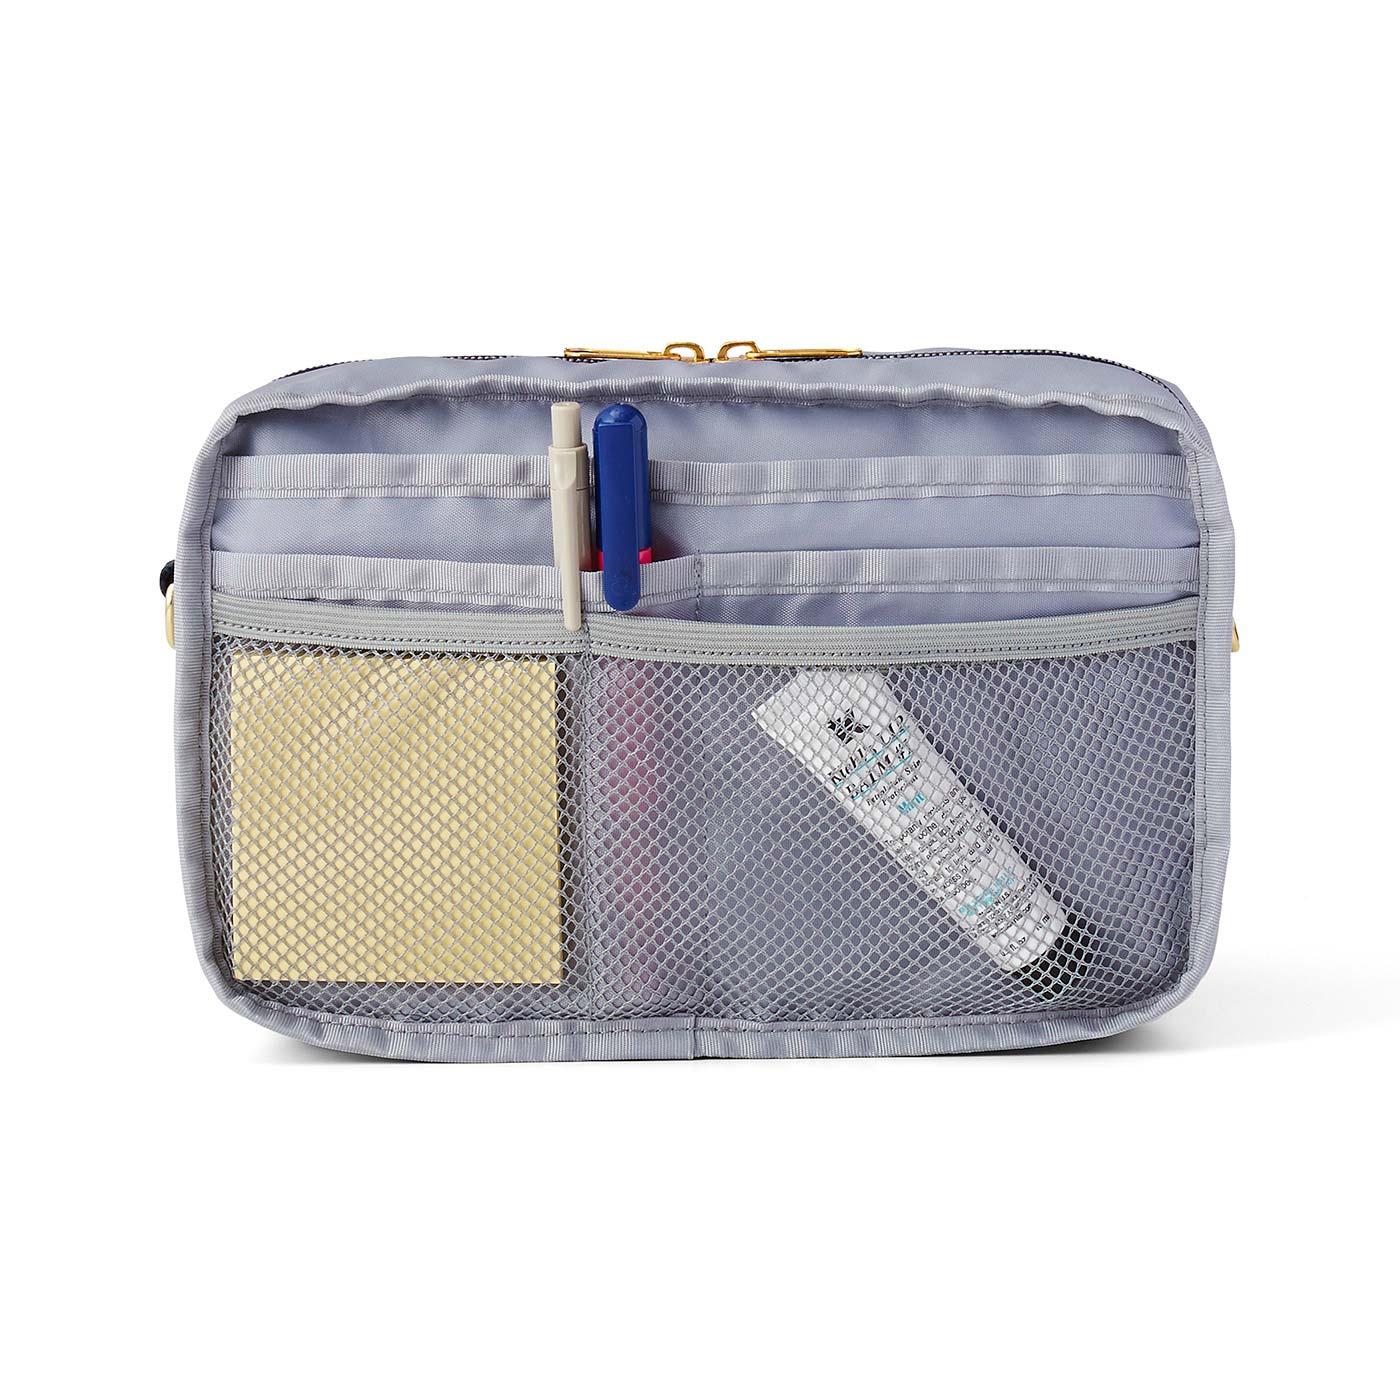 [バッグインナー]小物を整理しやすい11個のポケット付き。